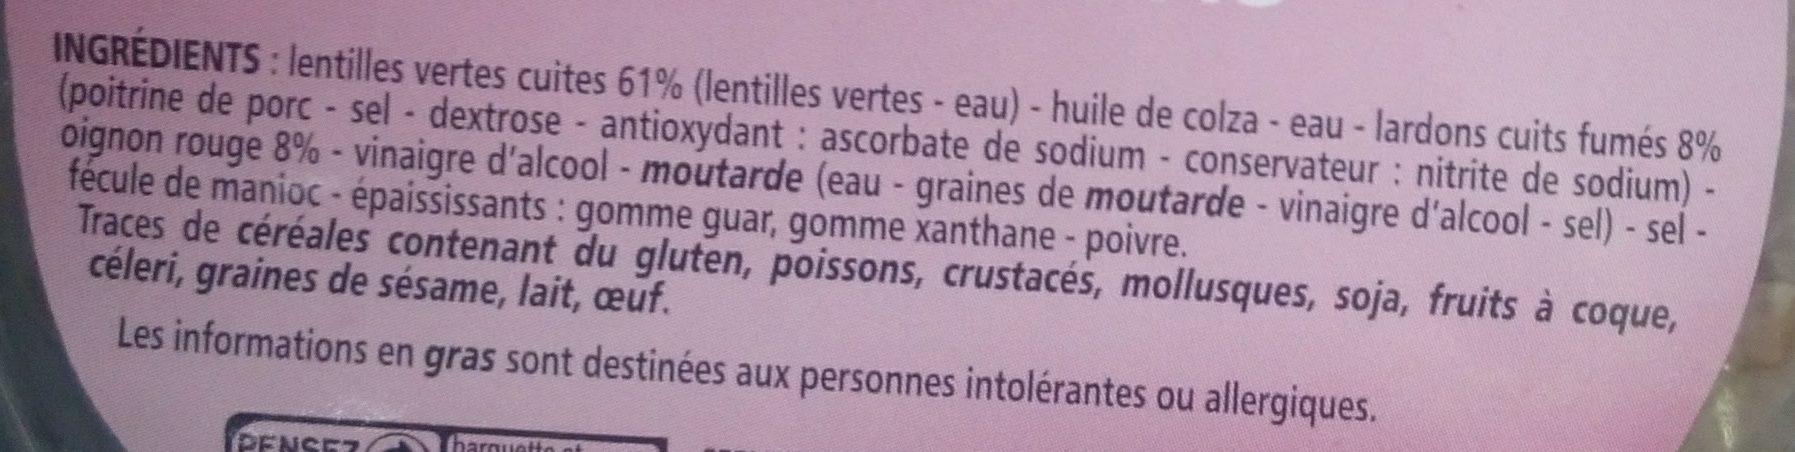 Lentilles aux Lardons - Ingrédients